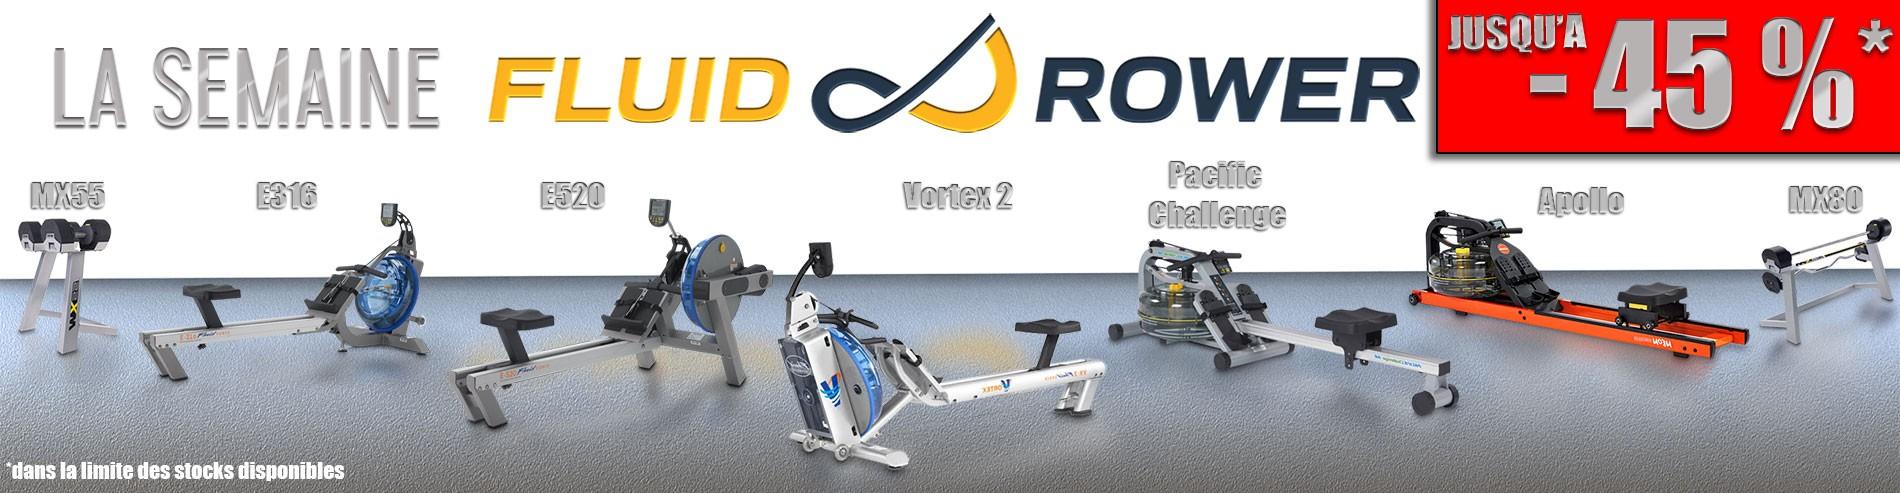 Semaine Fluid Rower